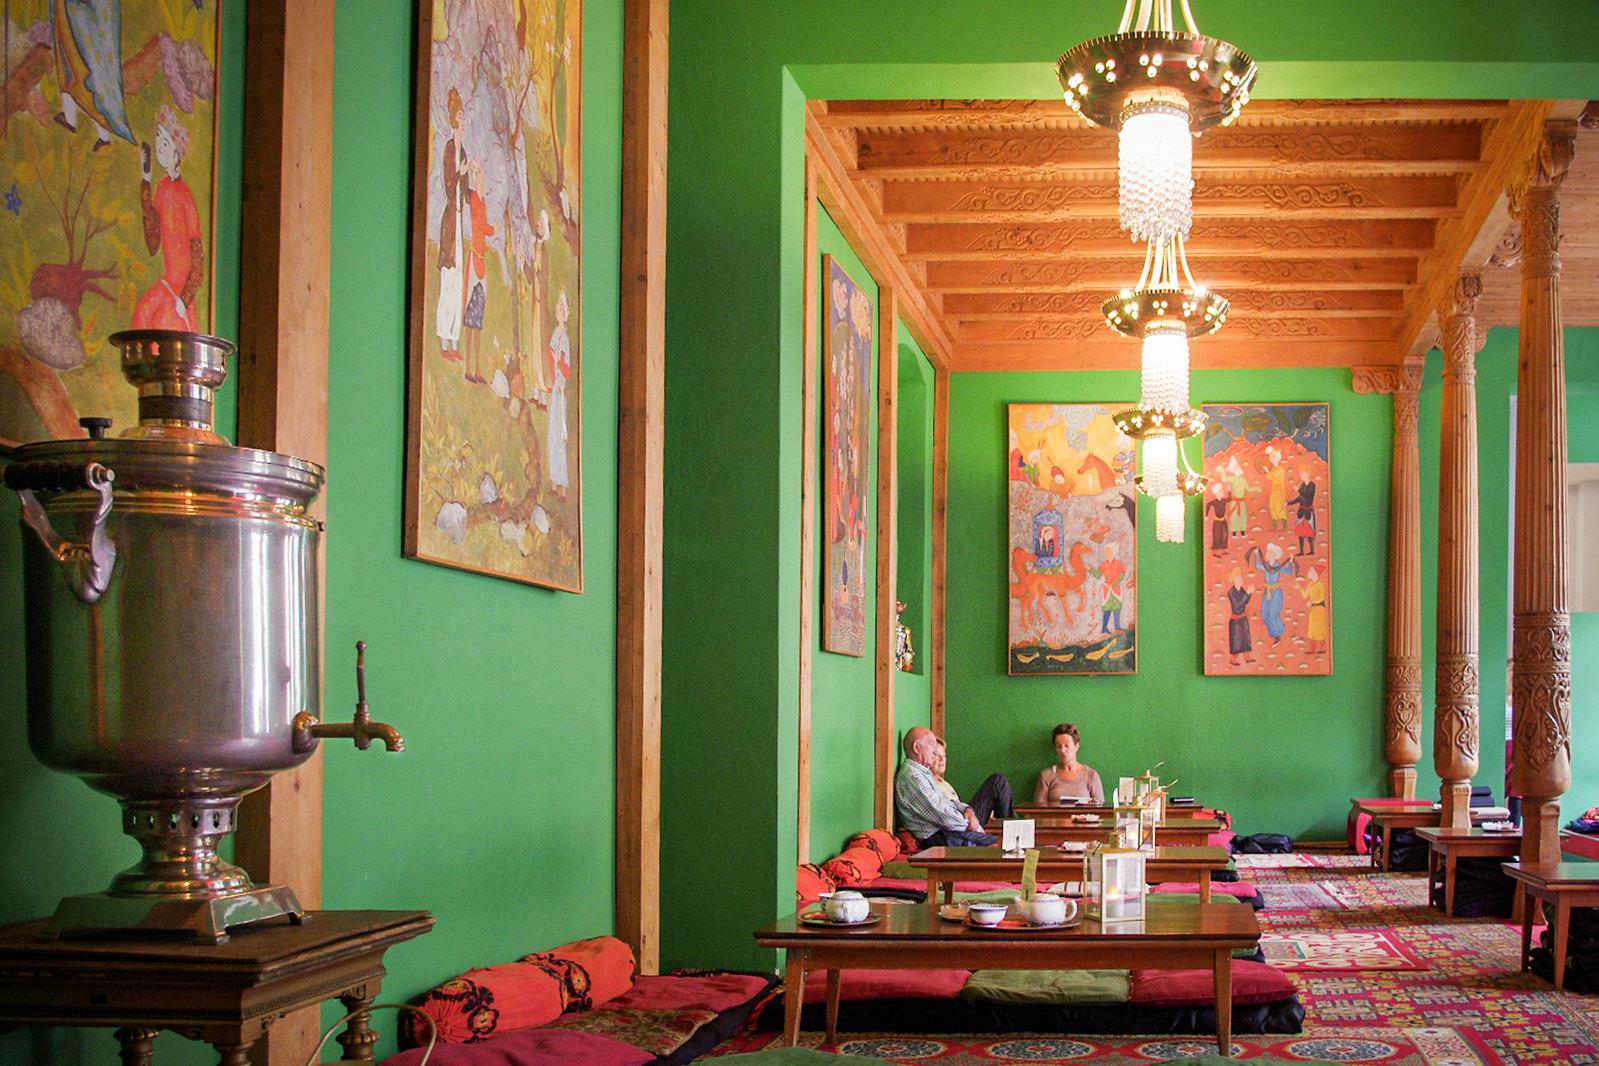 Bons plans Berlin - Maison de thé tadjik